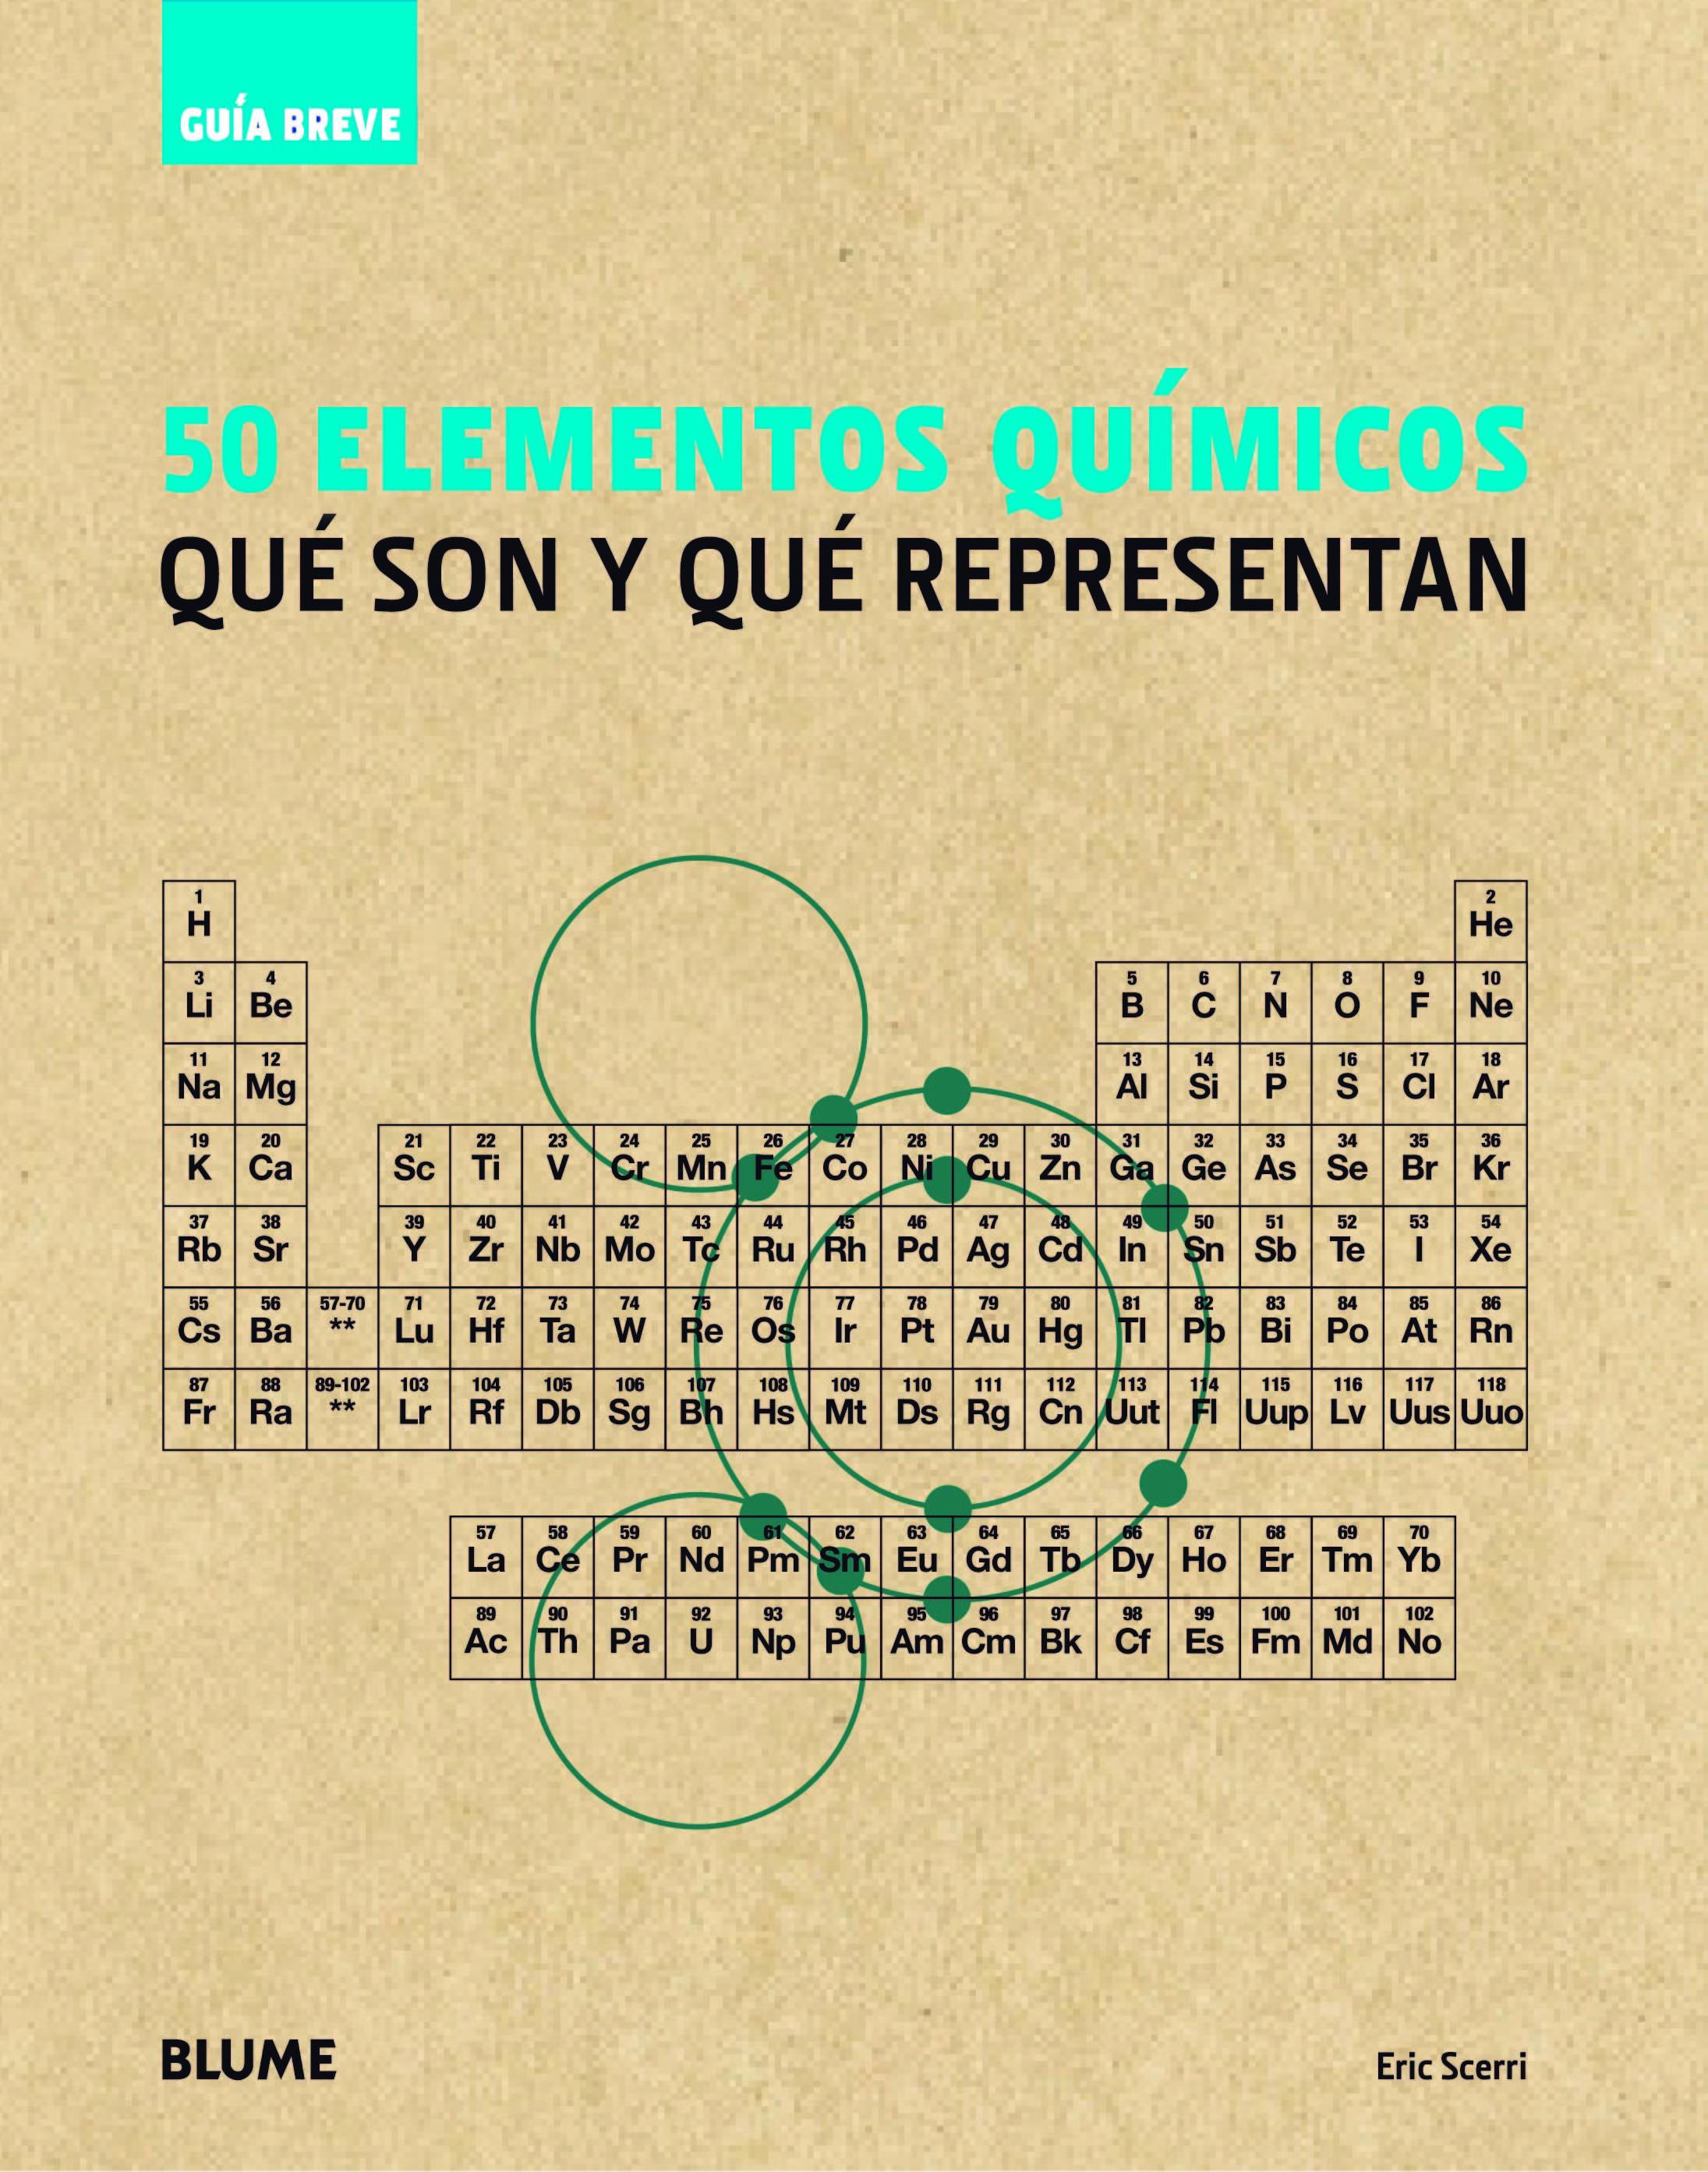 Guia breve 50 elementos qumicos eric scerri comprar libro guia breve 50 elementos qumicos eric scerri 9788498017243 urtaz Gallery